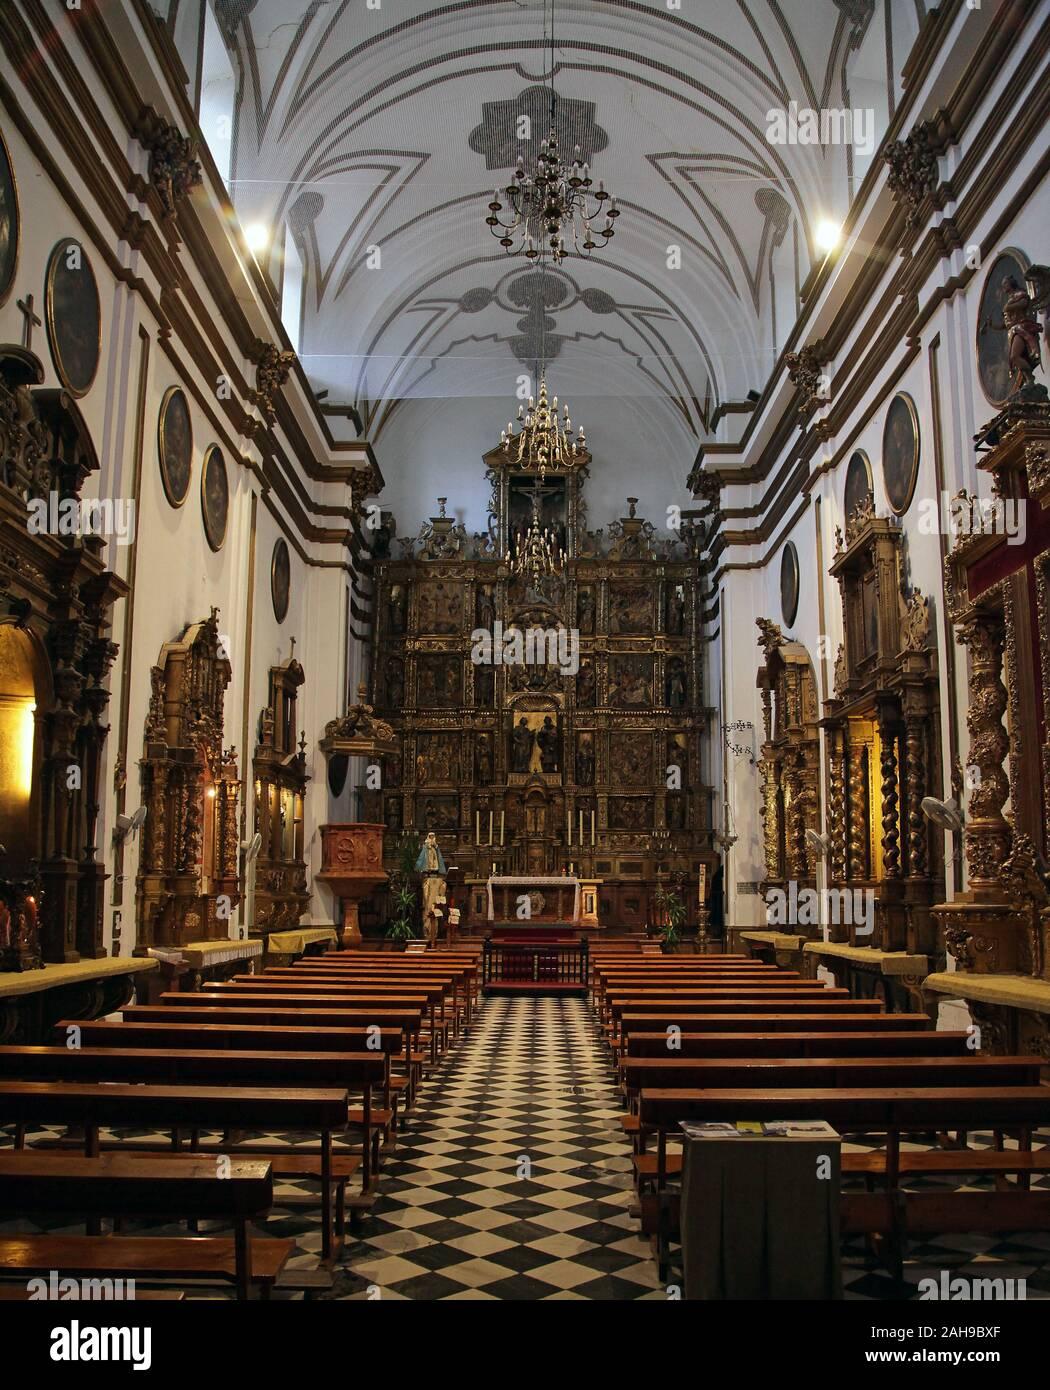 Intérieur de la Cathédrale Notre Dame de l'Incarnation / 'la Cathédrale' dans le centre-ville de Malaga Costa del Sol Andalousie Espagne Banque D'Images